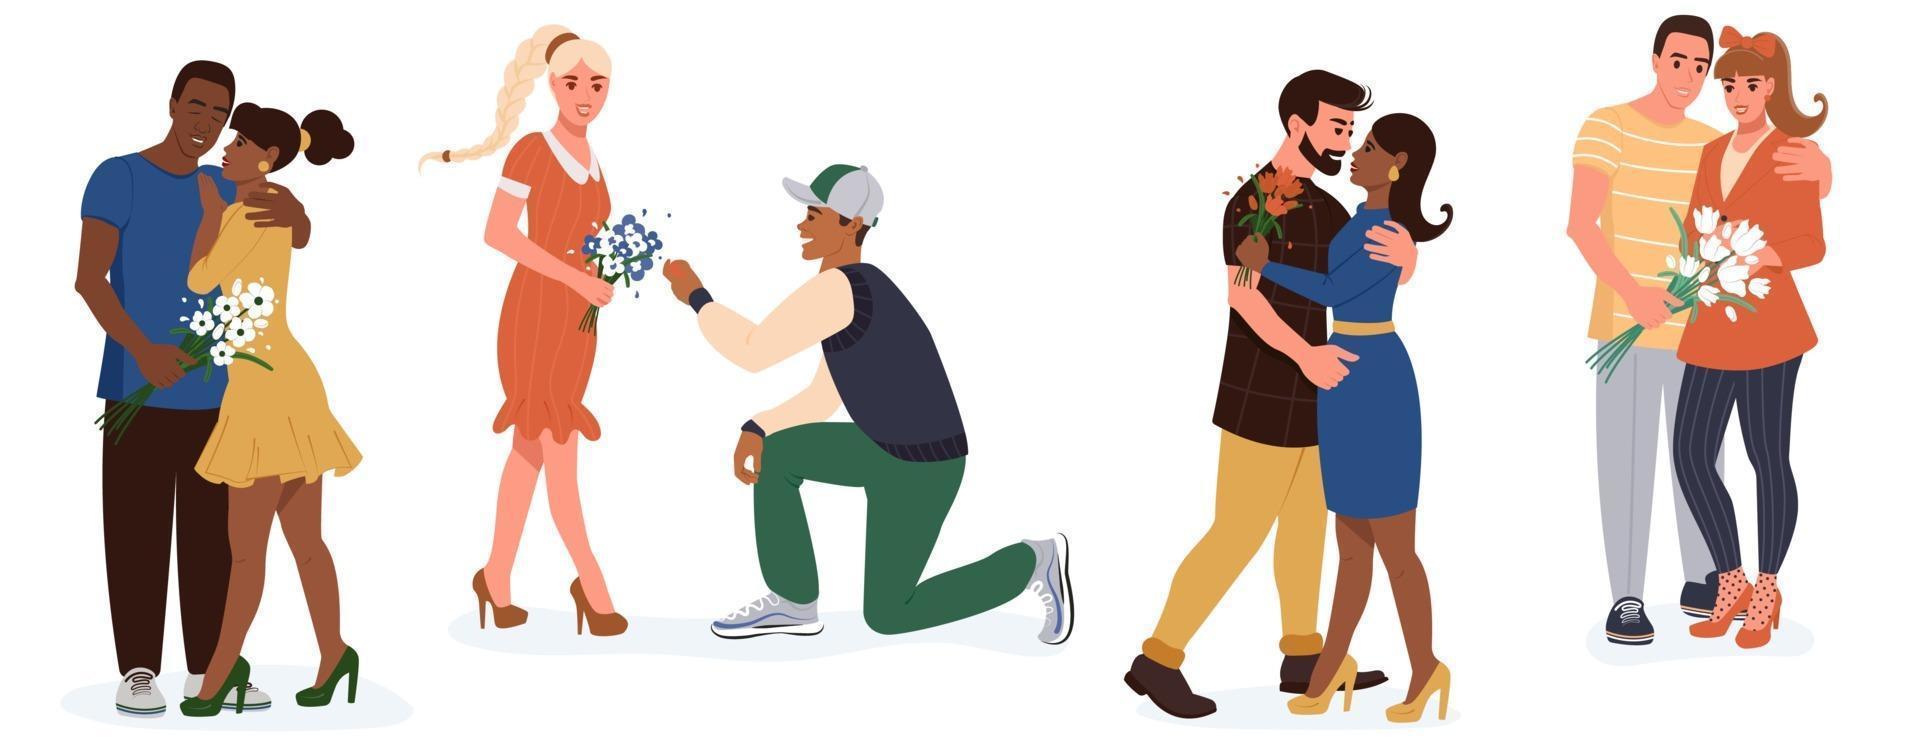 uppsättning unga glada romantiska par. mångfald och social samhörighetsidé. par män och kvinnor på datum. platt vektor isolerad på vit bakgrund